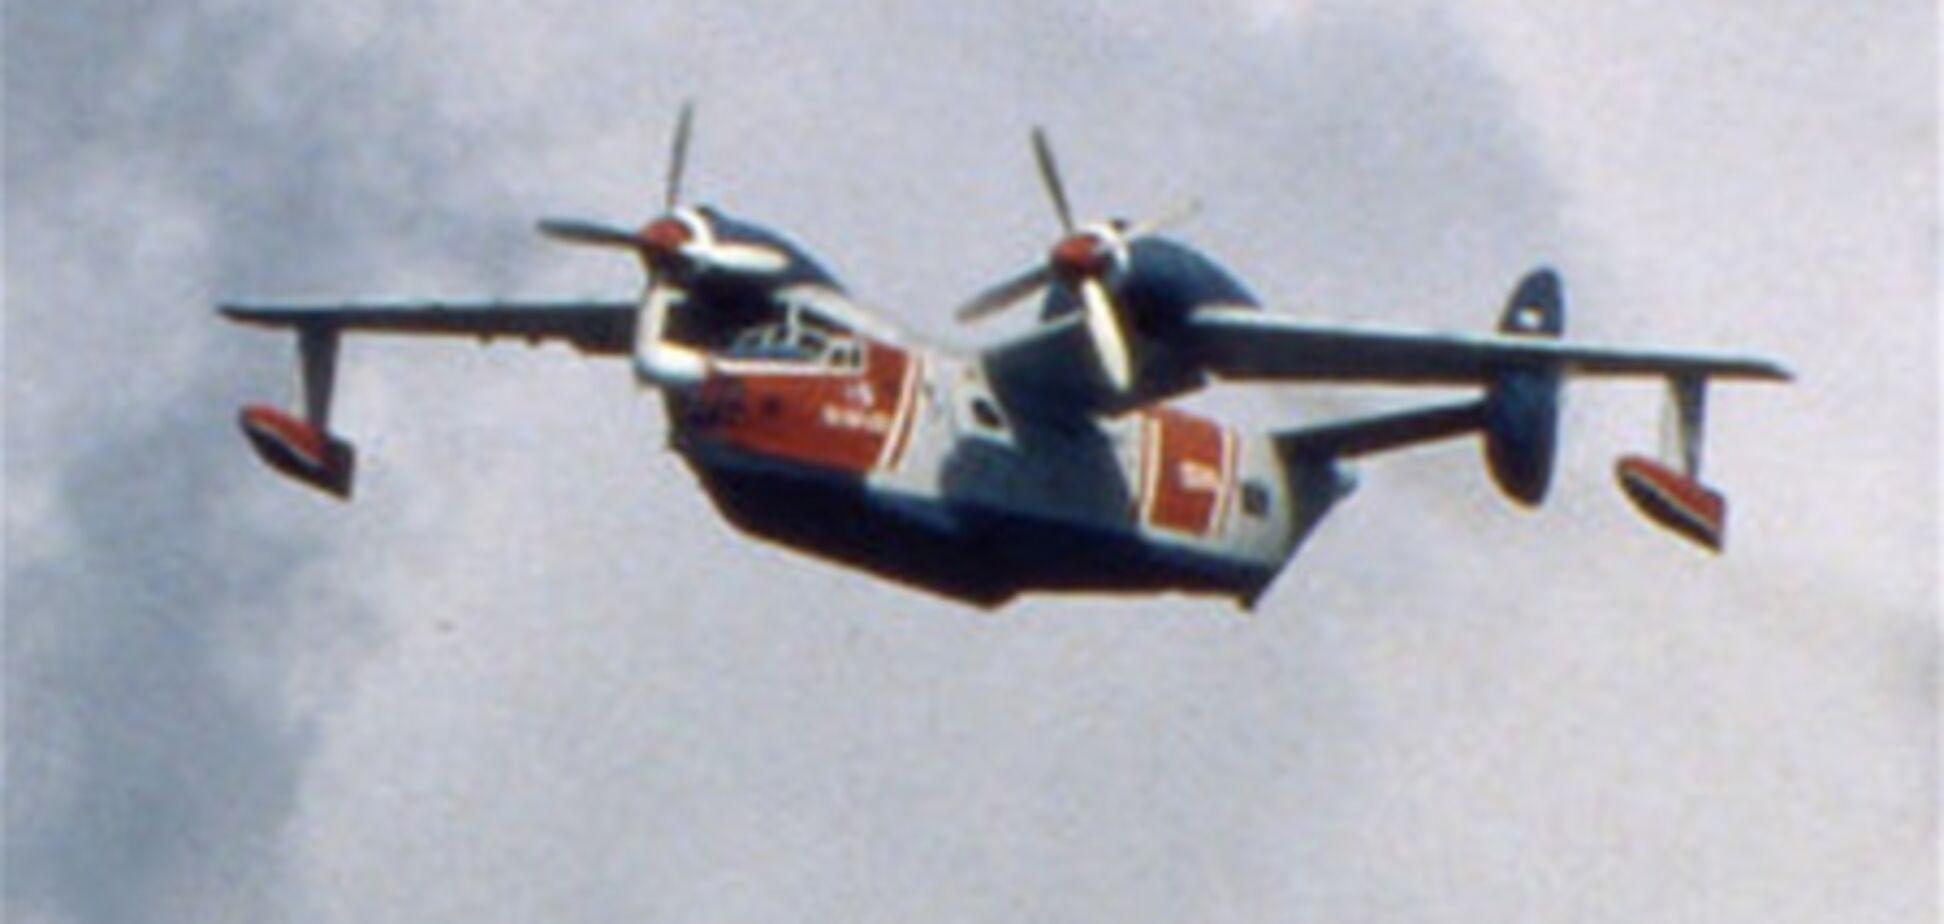 Причиной крушения самолета ЧФ РФ Бе-12 мог стать отказ двигателя